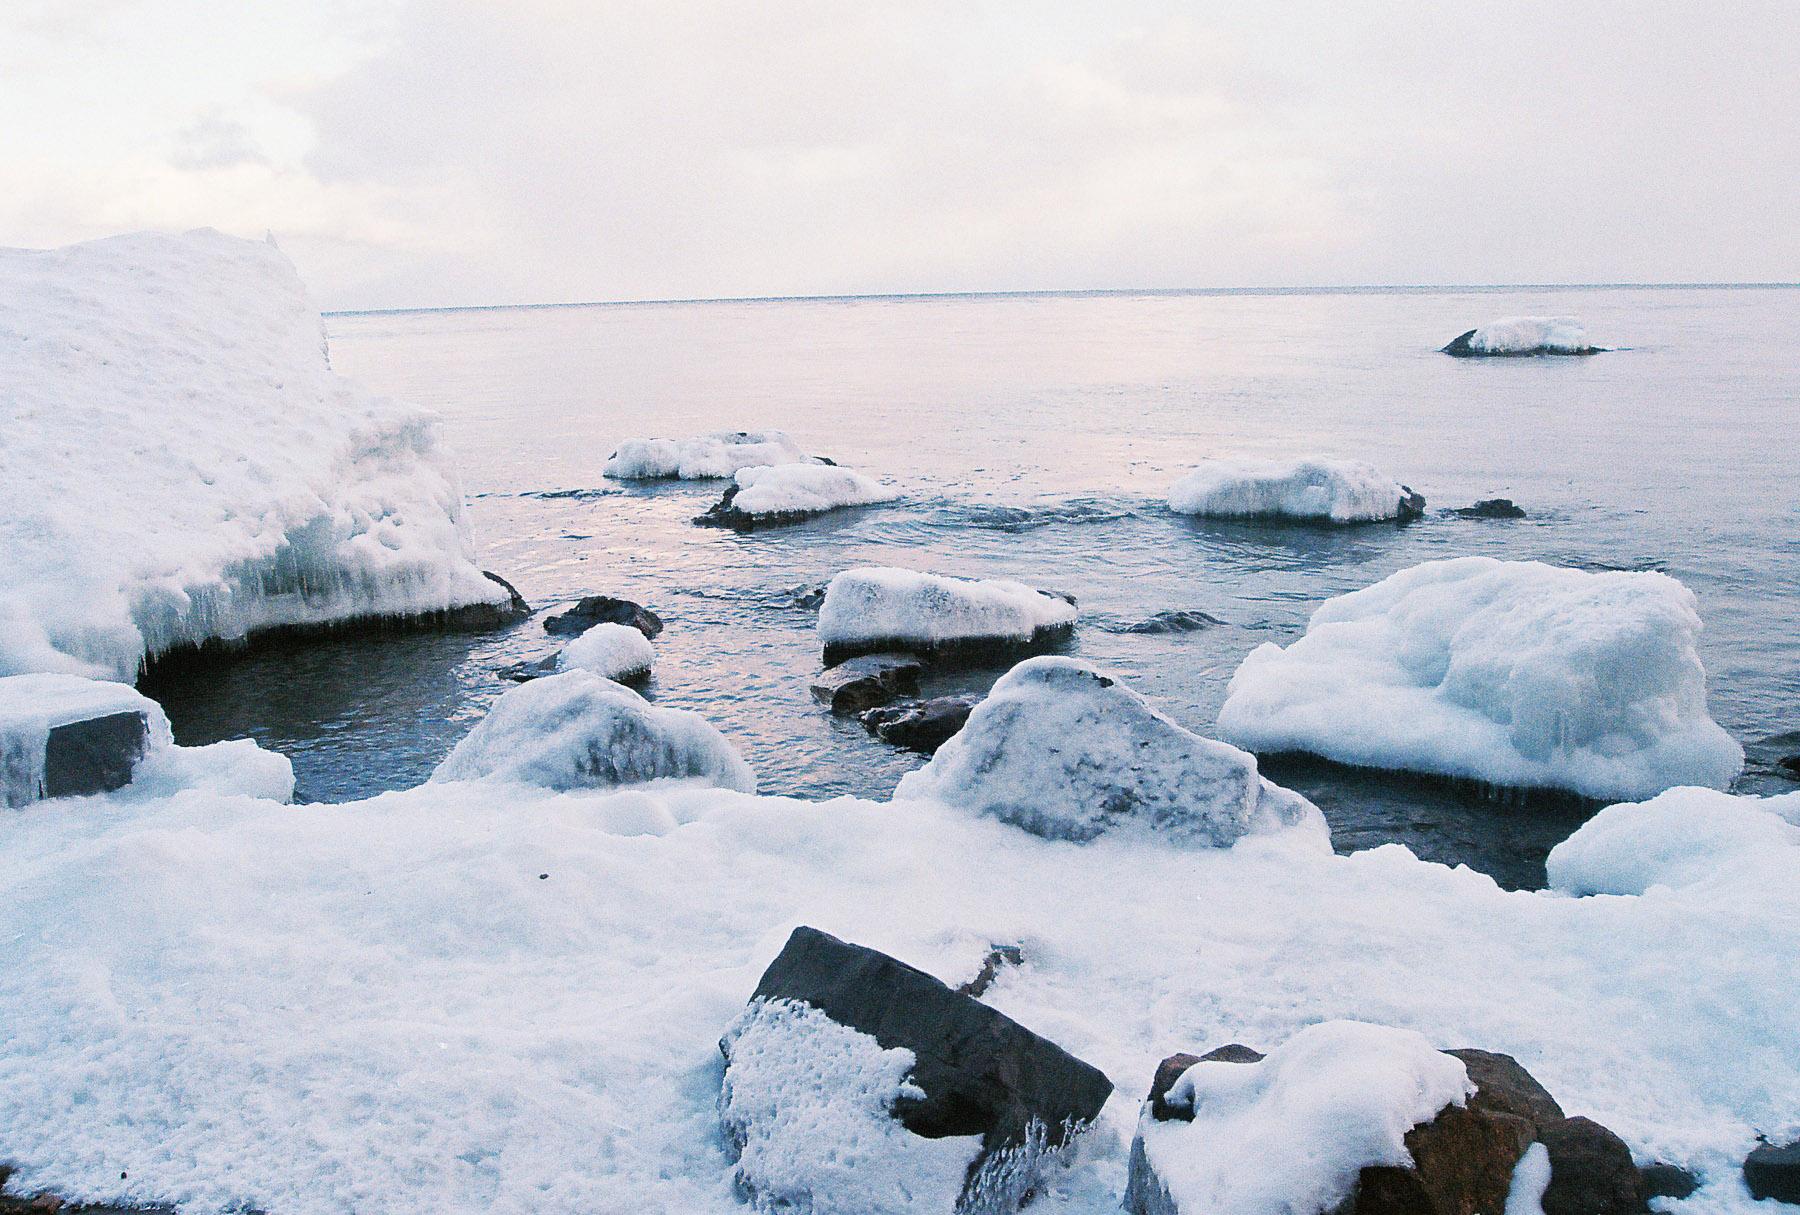 Lutsen, Minnesota. 35mm film, 2013.